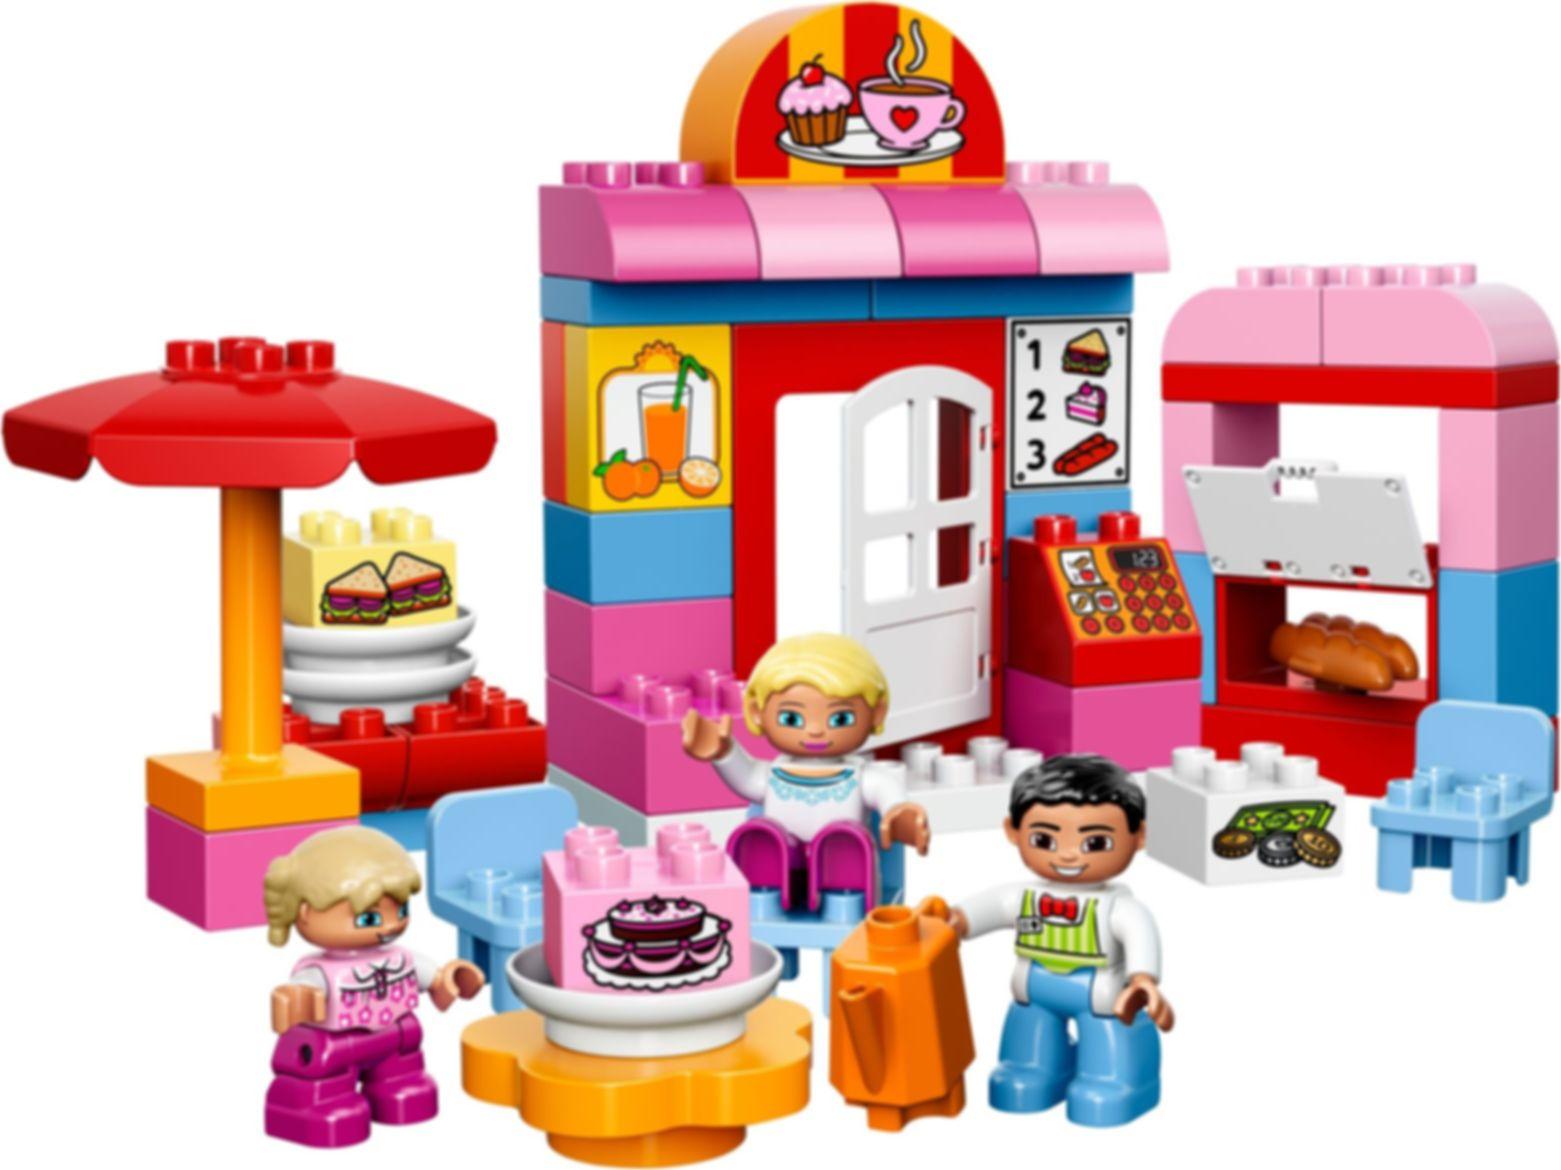 LEGO® DUPLO® Café gameplay